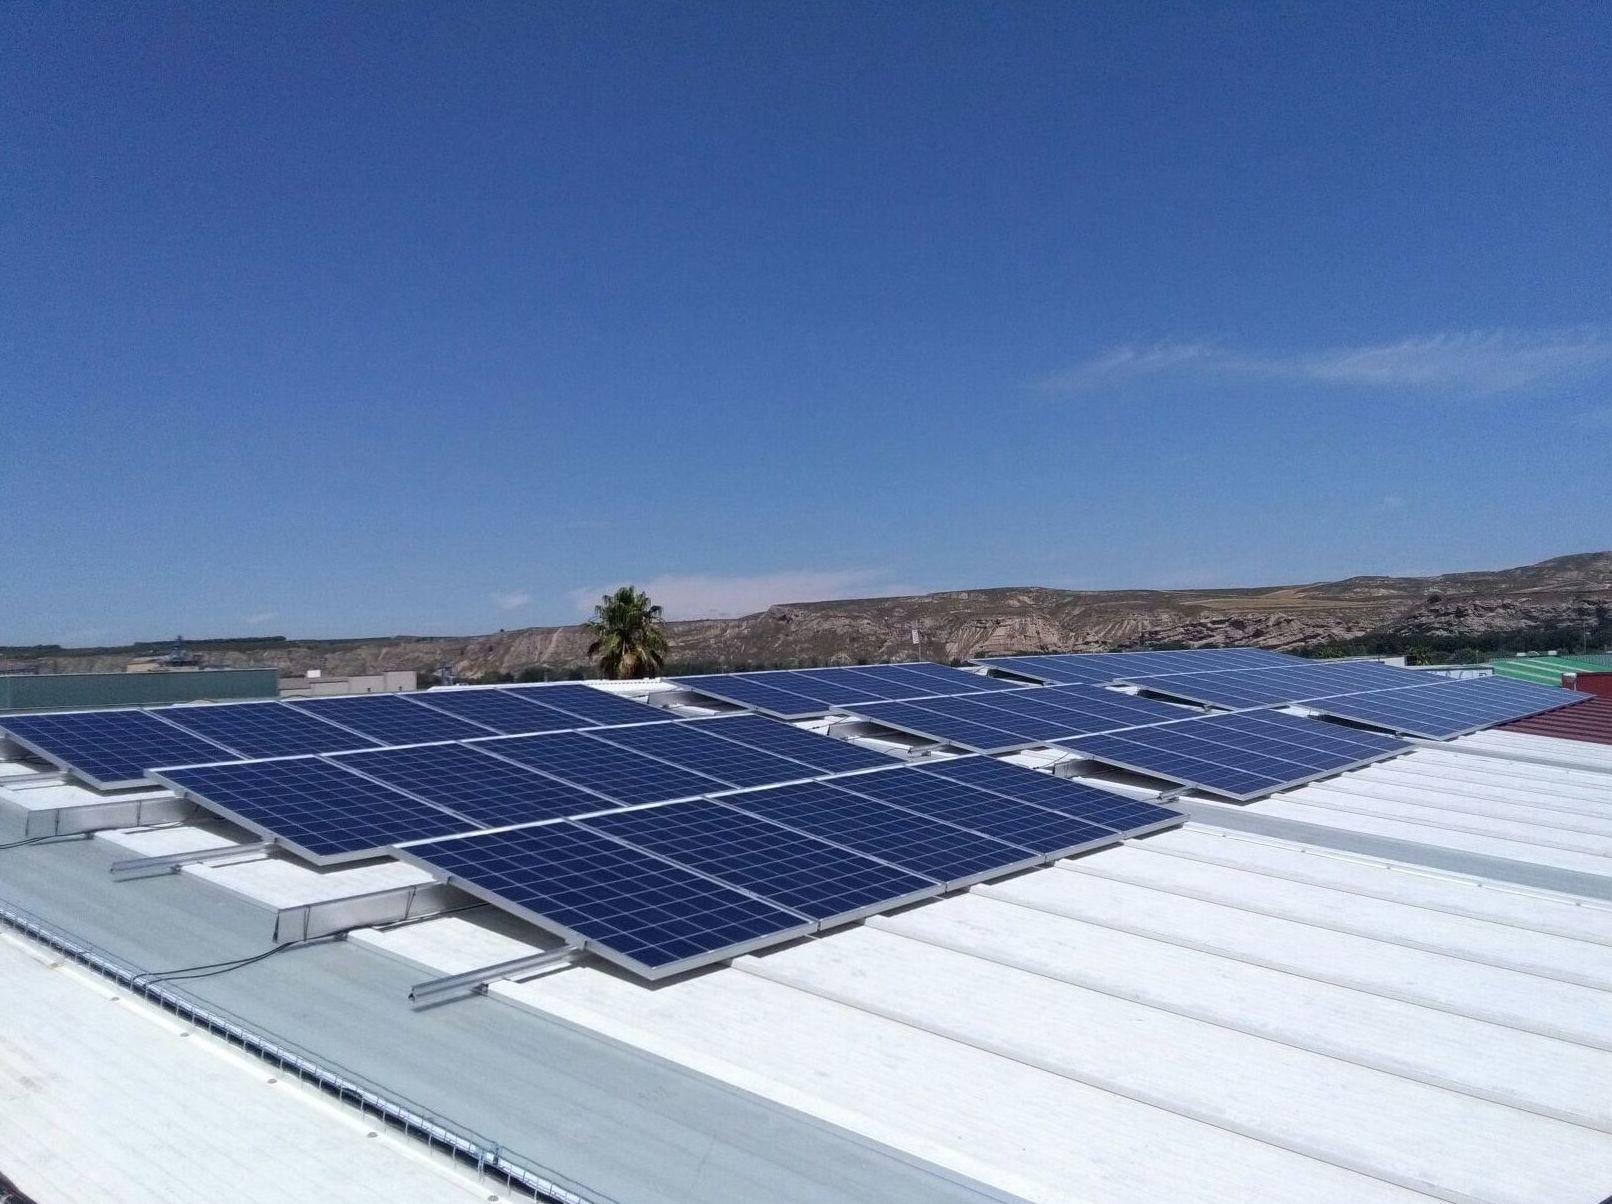 Fotovoltaica para autoconsumo: Servicios de SOLARFAM  INSTALACIONES FOTOVOLTAICAS